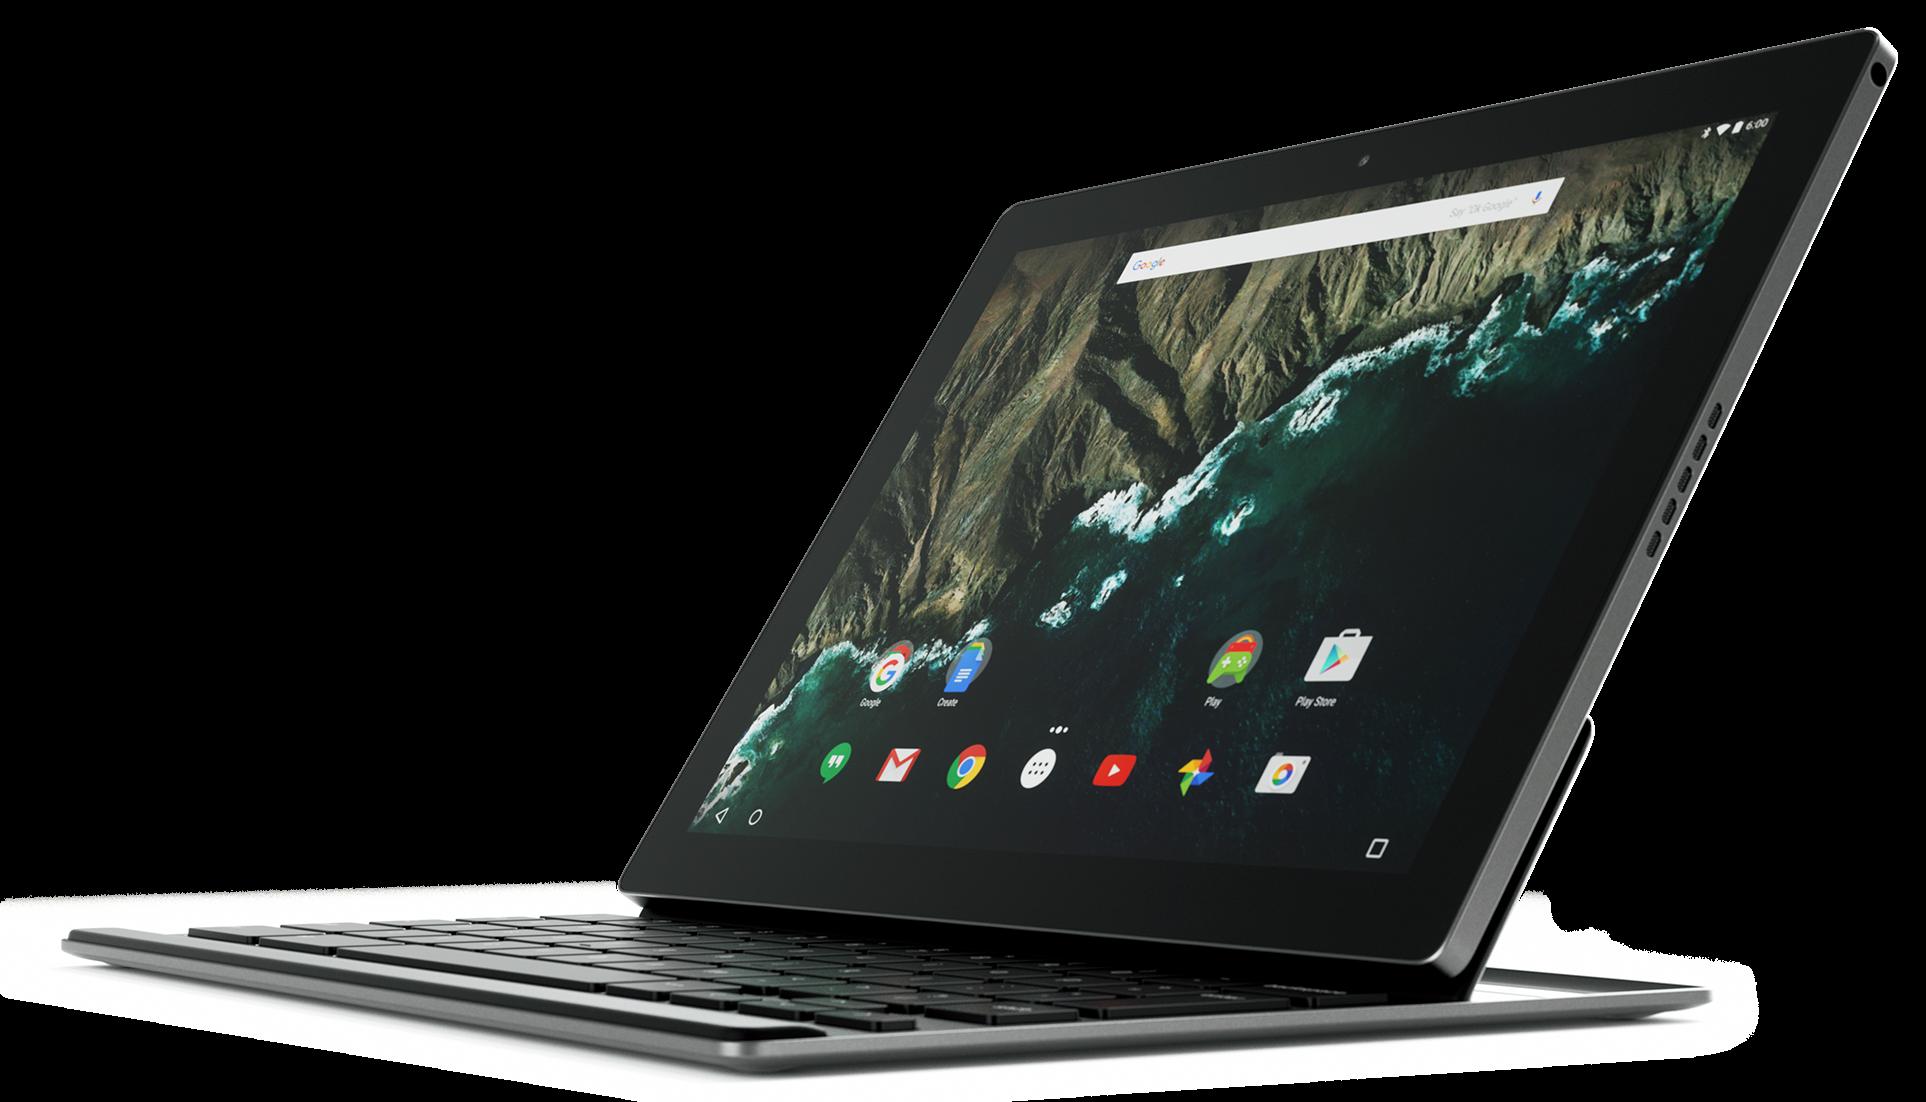 開發者有著數 Google 推出 Pixel C 折扣優惠